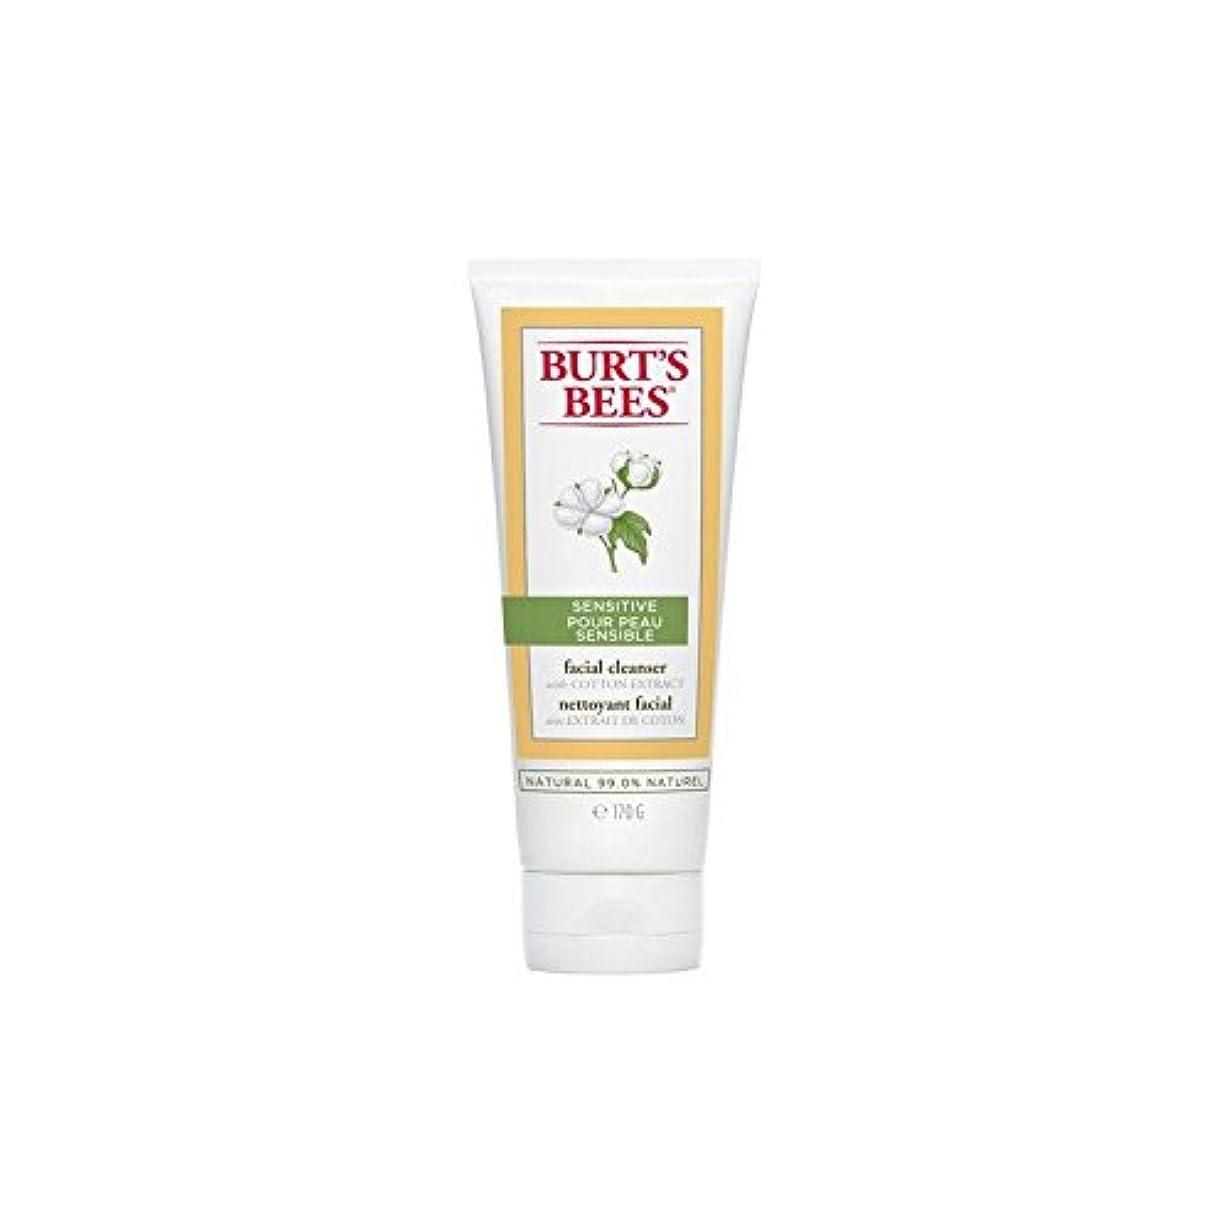 腐敗したオーバーヘッド稼ぐバーツビー敏感な洗顔料の170グラム x4 - Burt's Bees Sensitive Facial Cleanser 170G (Pack of 4) [並行輸入品]